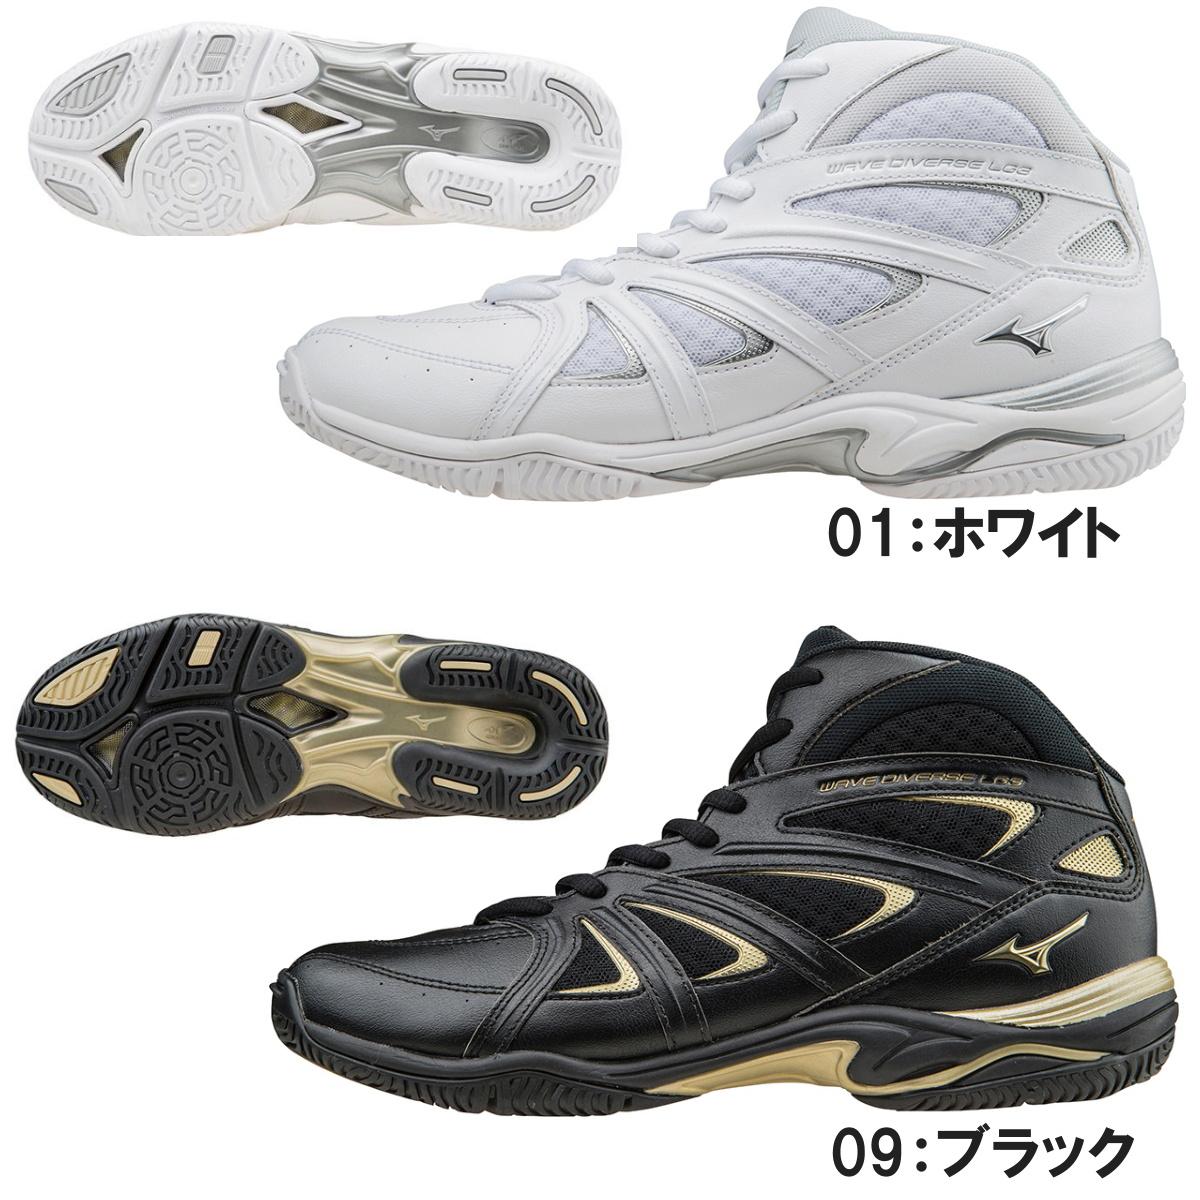 【送料無料】MIZUNO ミズノ フィットネスシューズ WAVE DIVERSE ウェーブダイバースLG3 K1GF1571